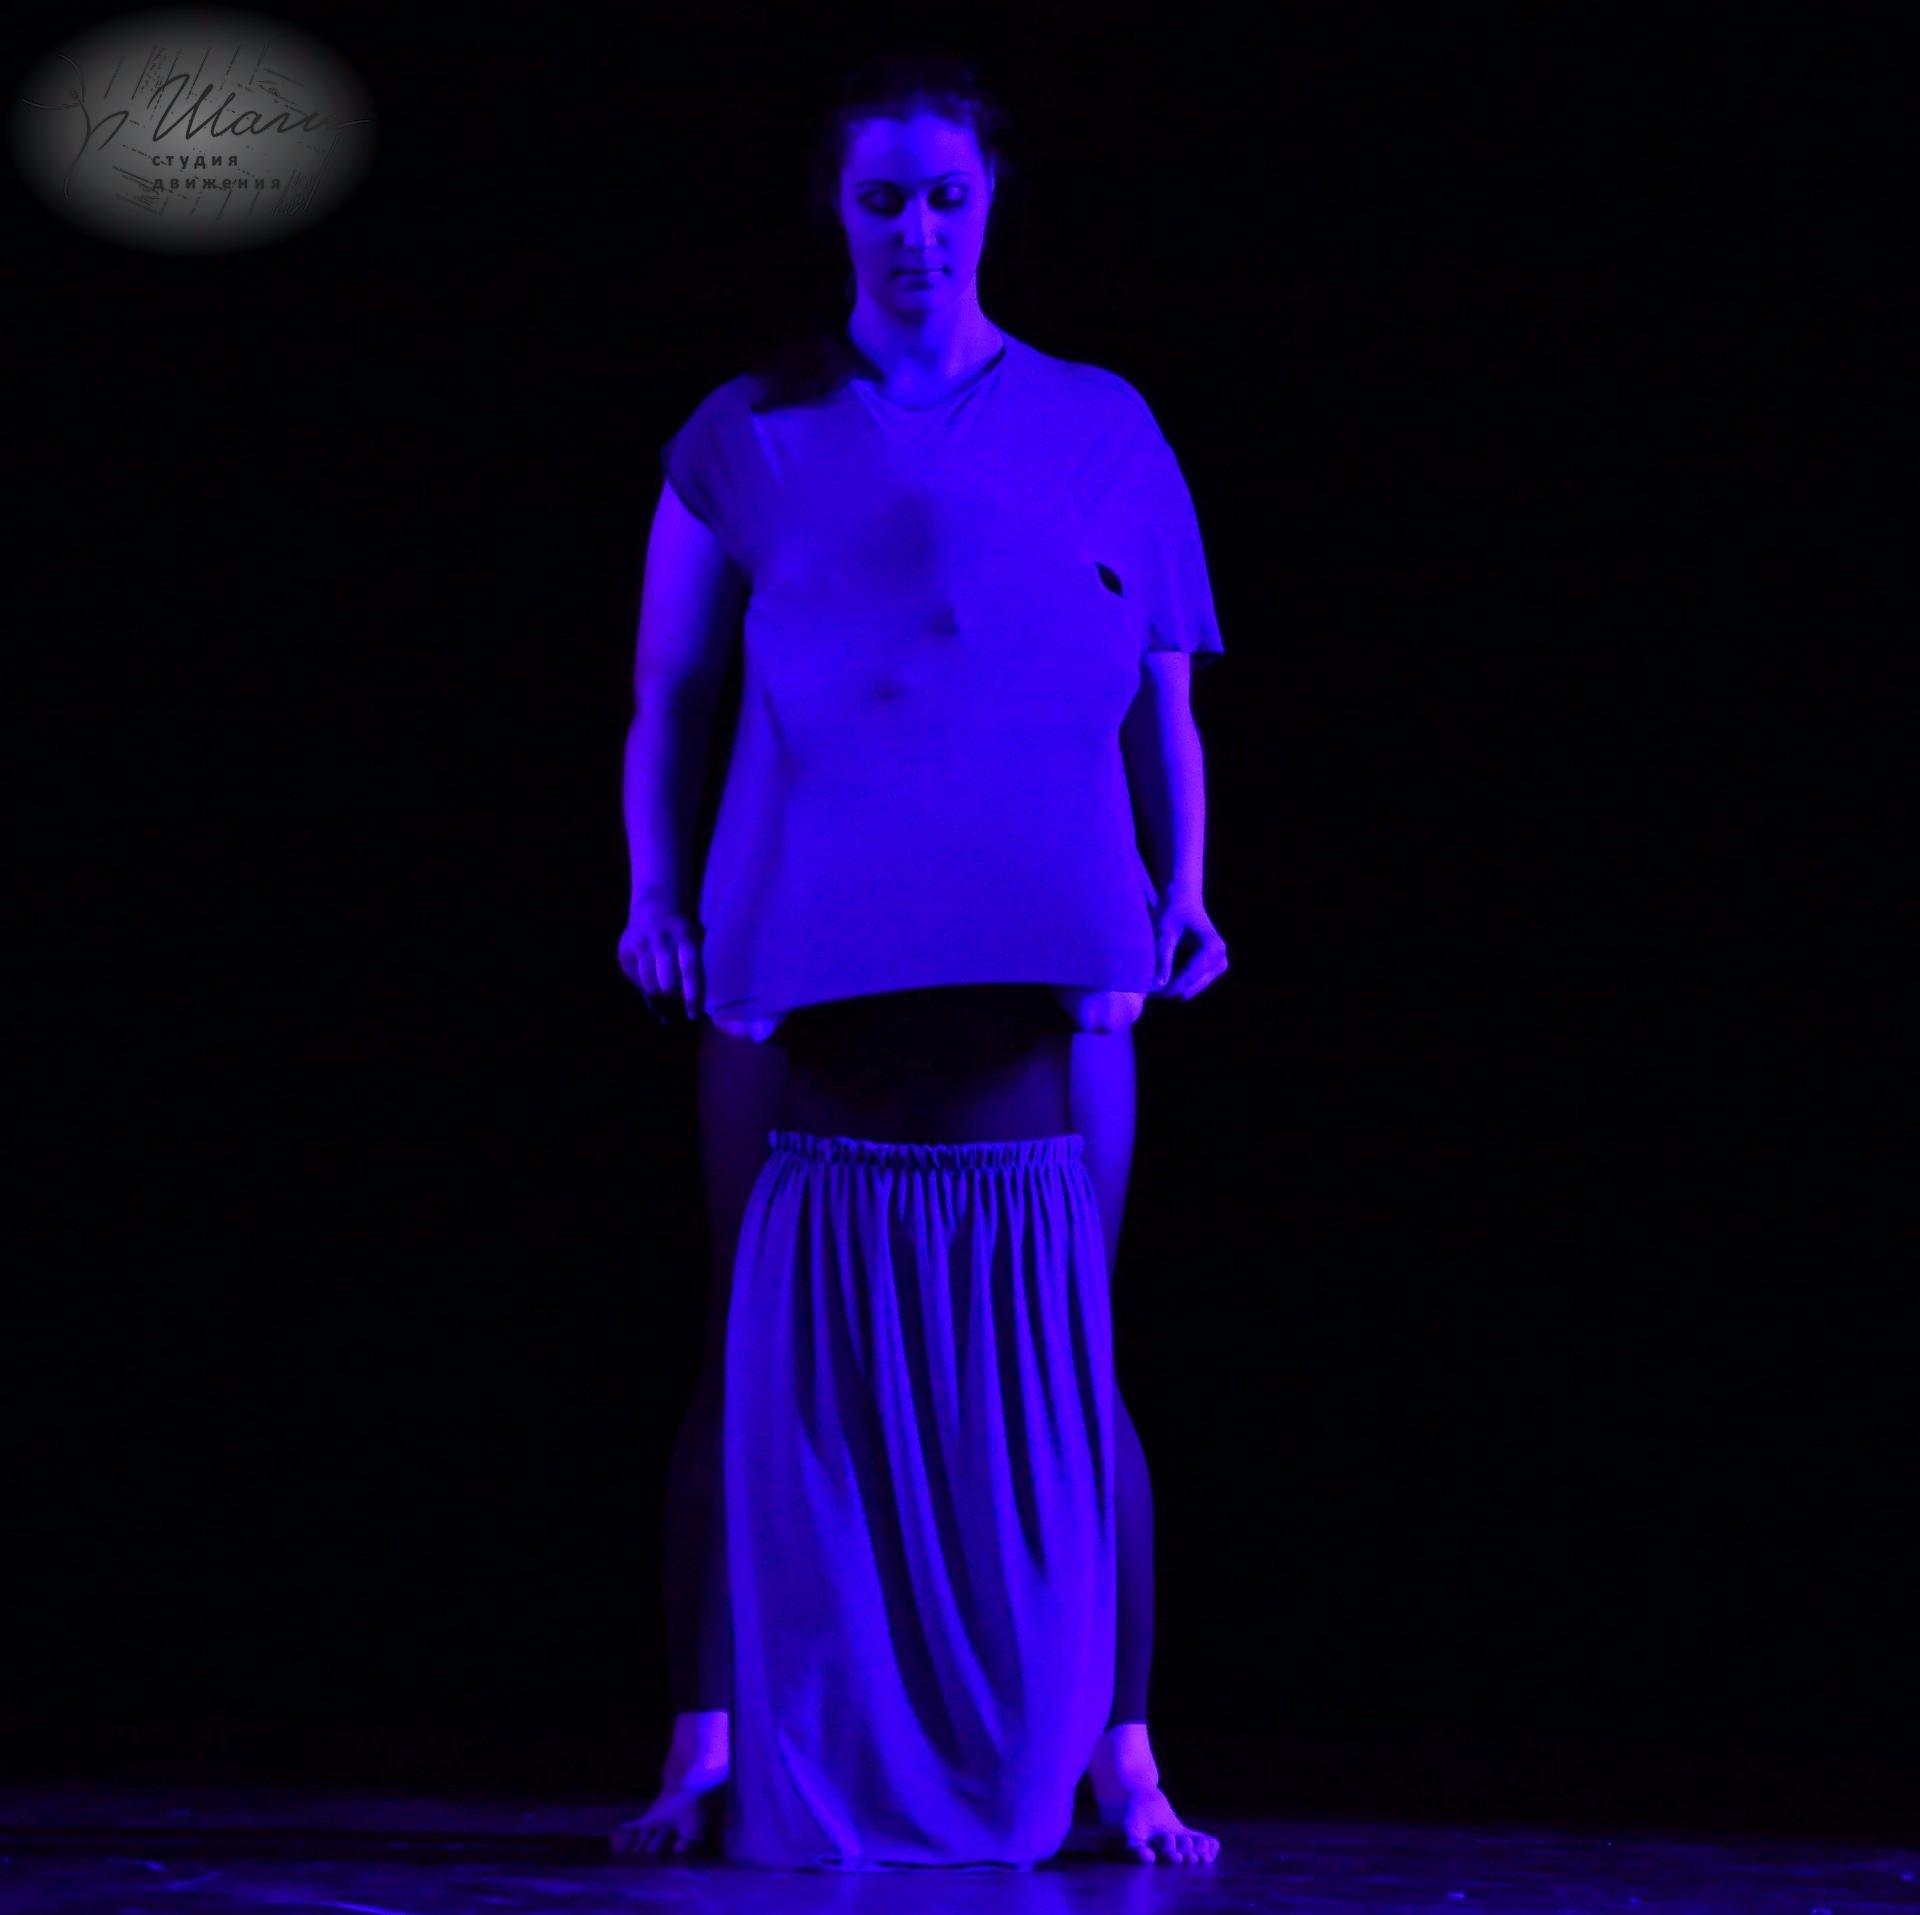 Практика осознанного движения, особая форма медитации в танце.